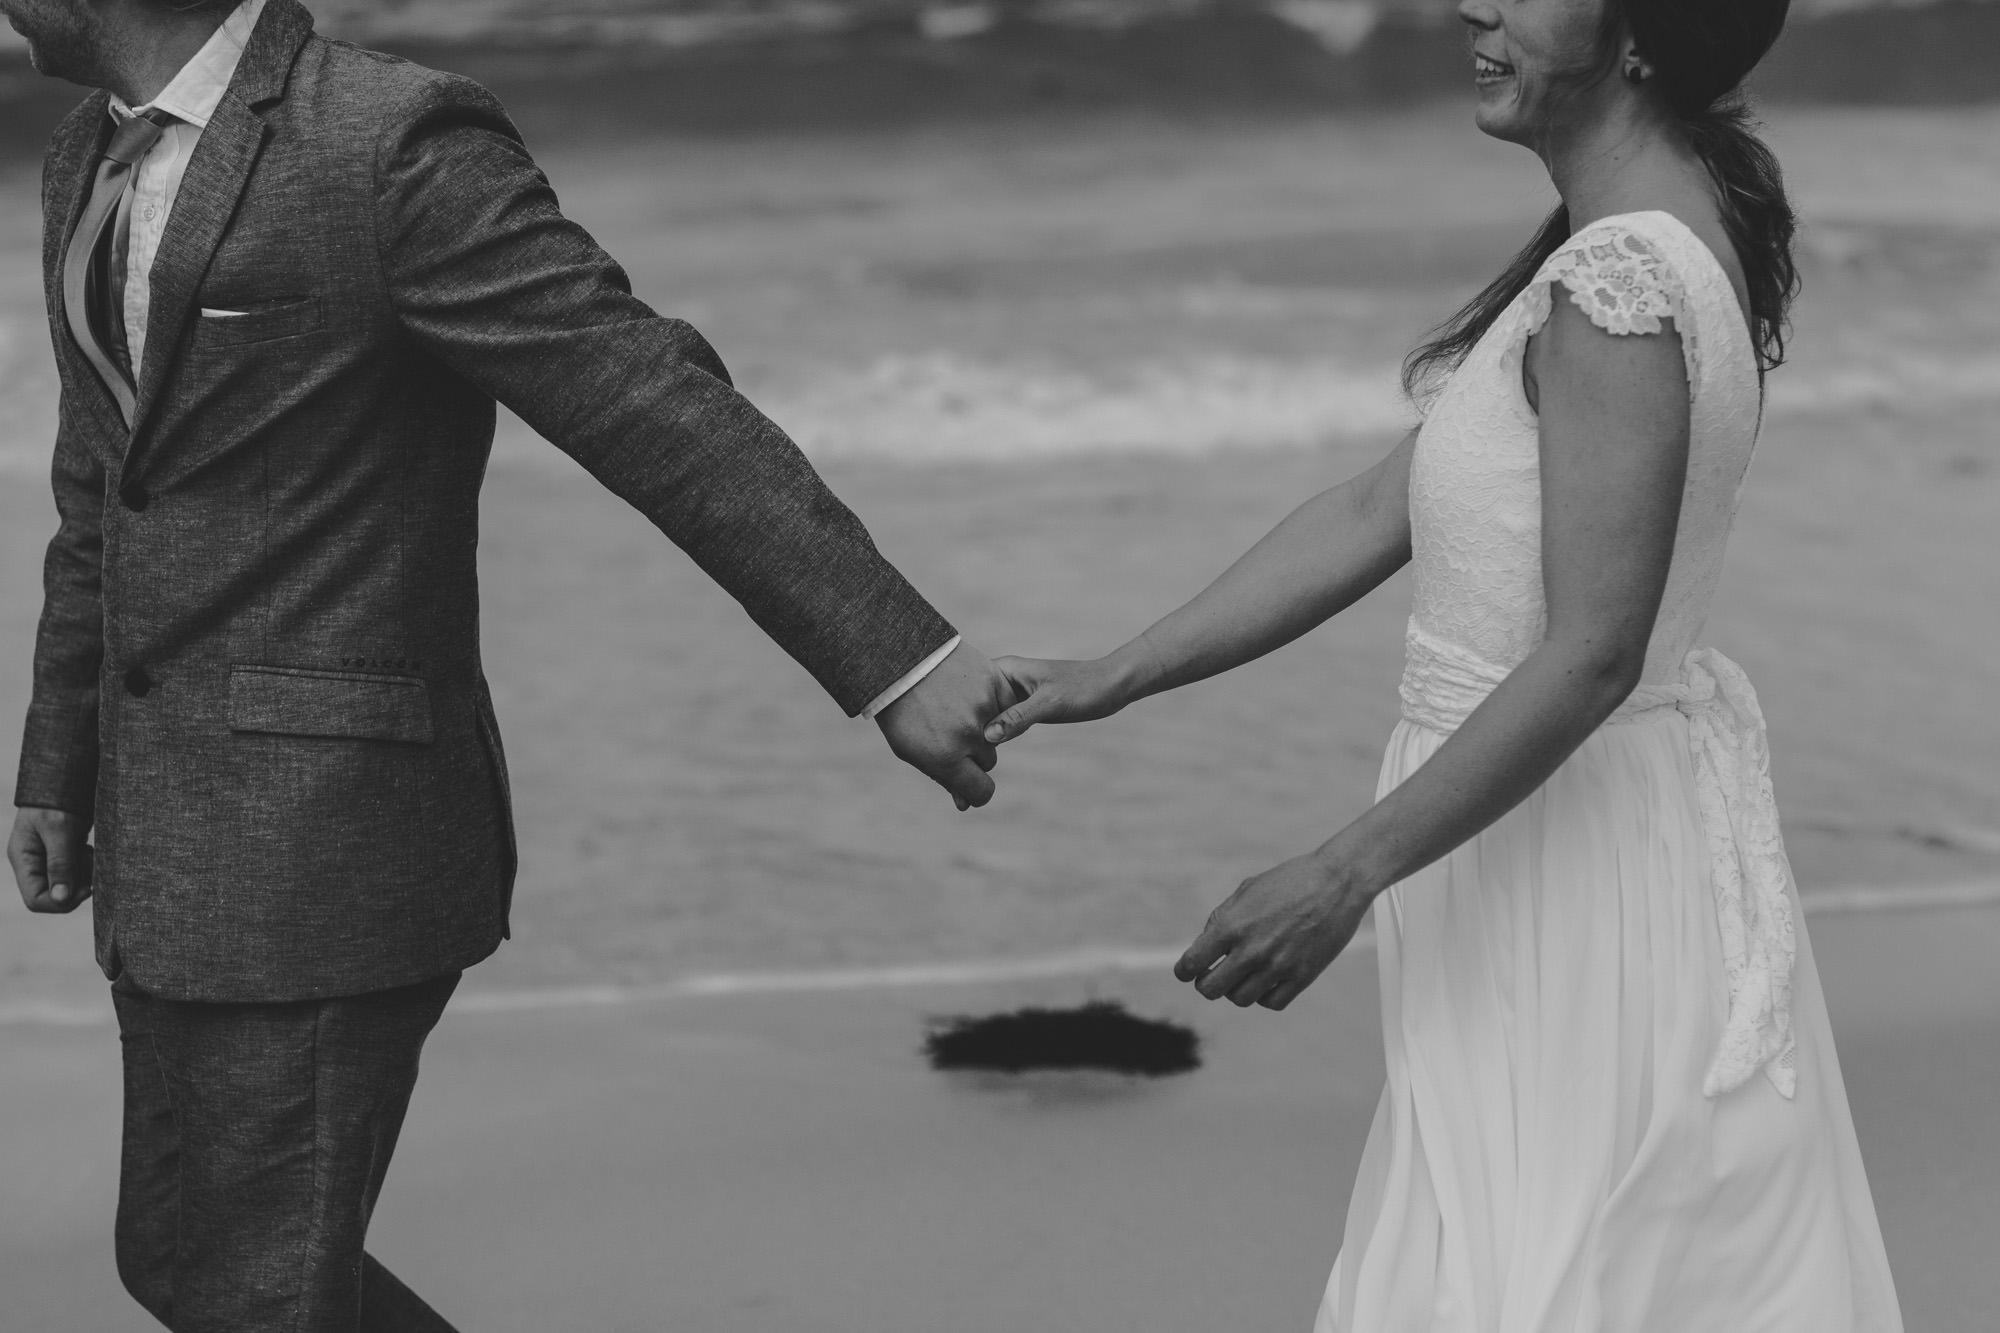 svolvær wedding